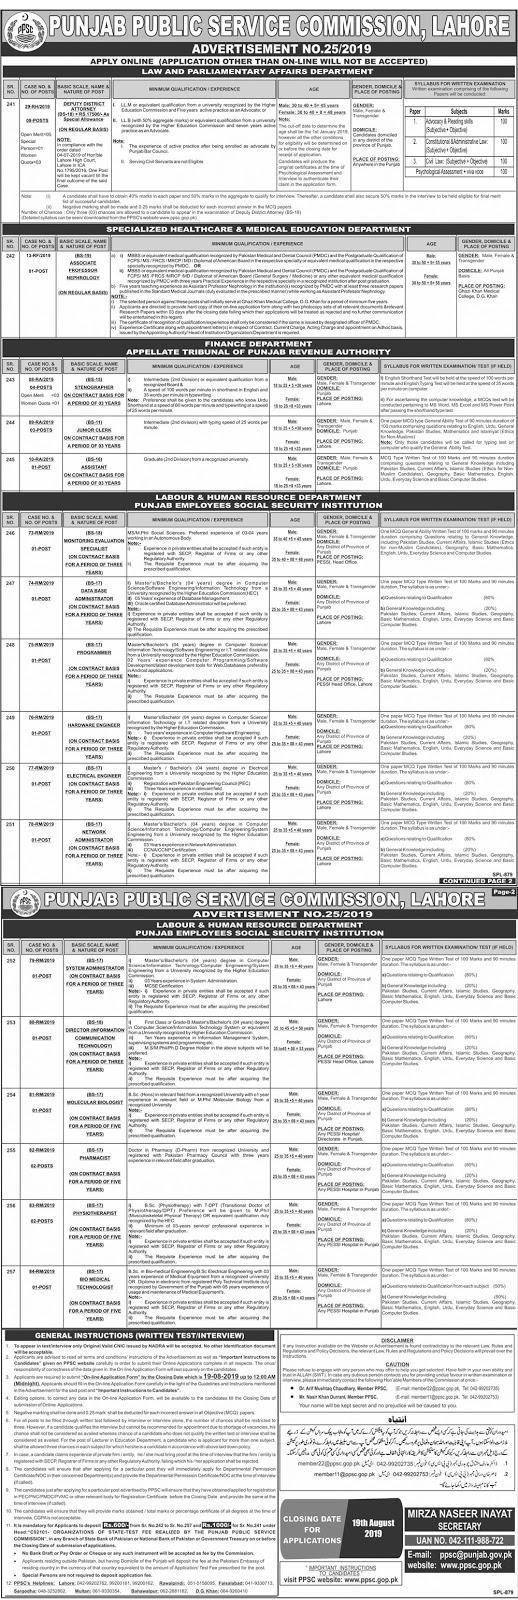 Punjab Public Service Commission PPSC Jobs Advertisement No. 25/2019 July 2019